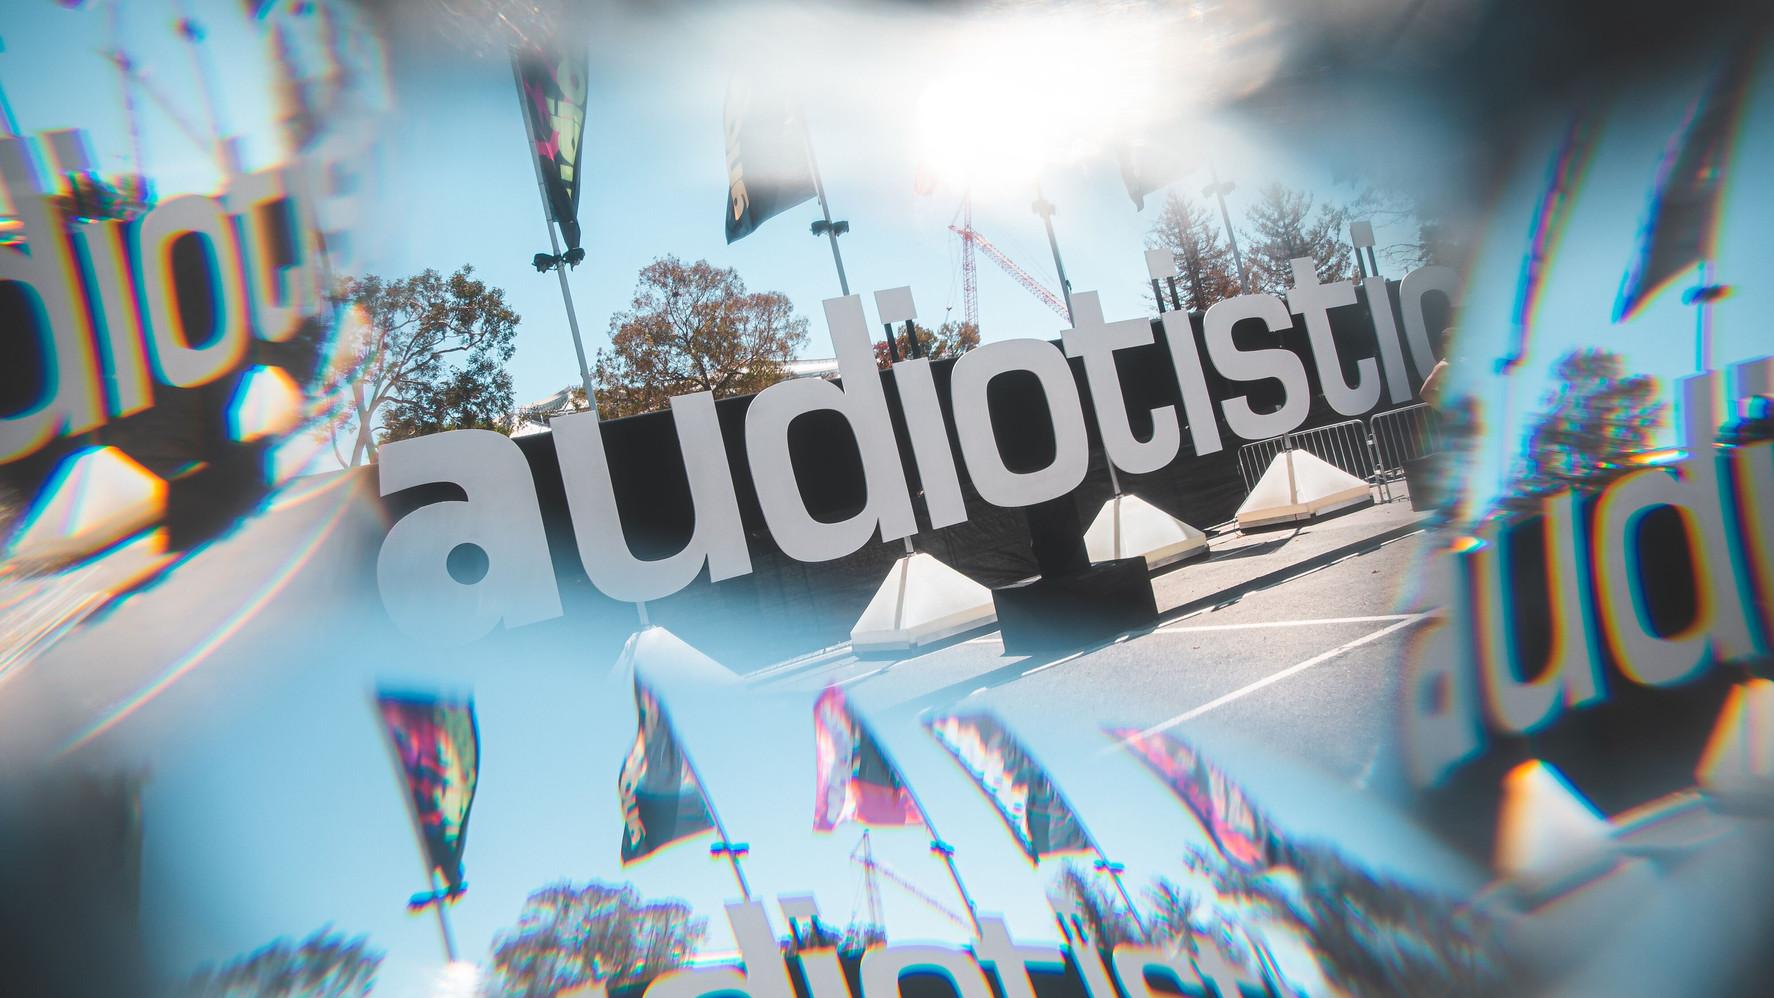 7.14.19 | Audiotistic | Shoreline Amp, Mountain View, CA | Photographer: Priscilla Rodriguez